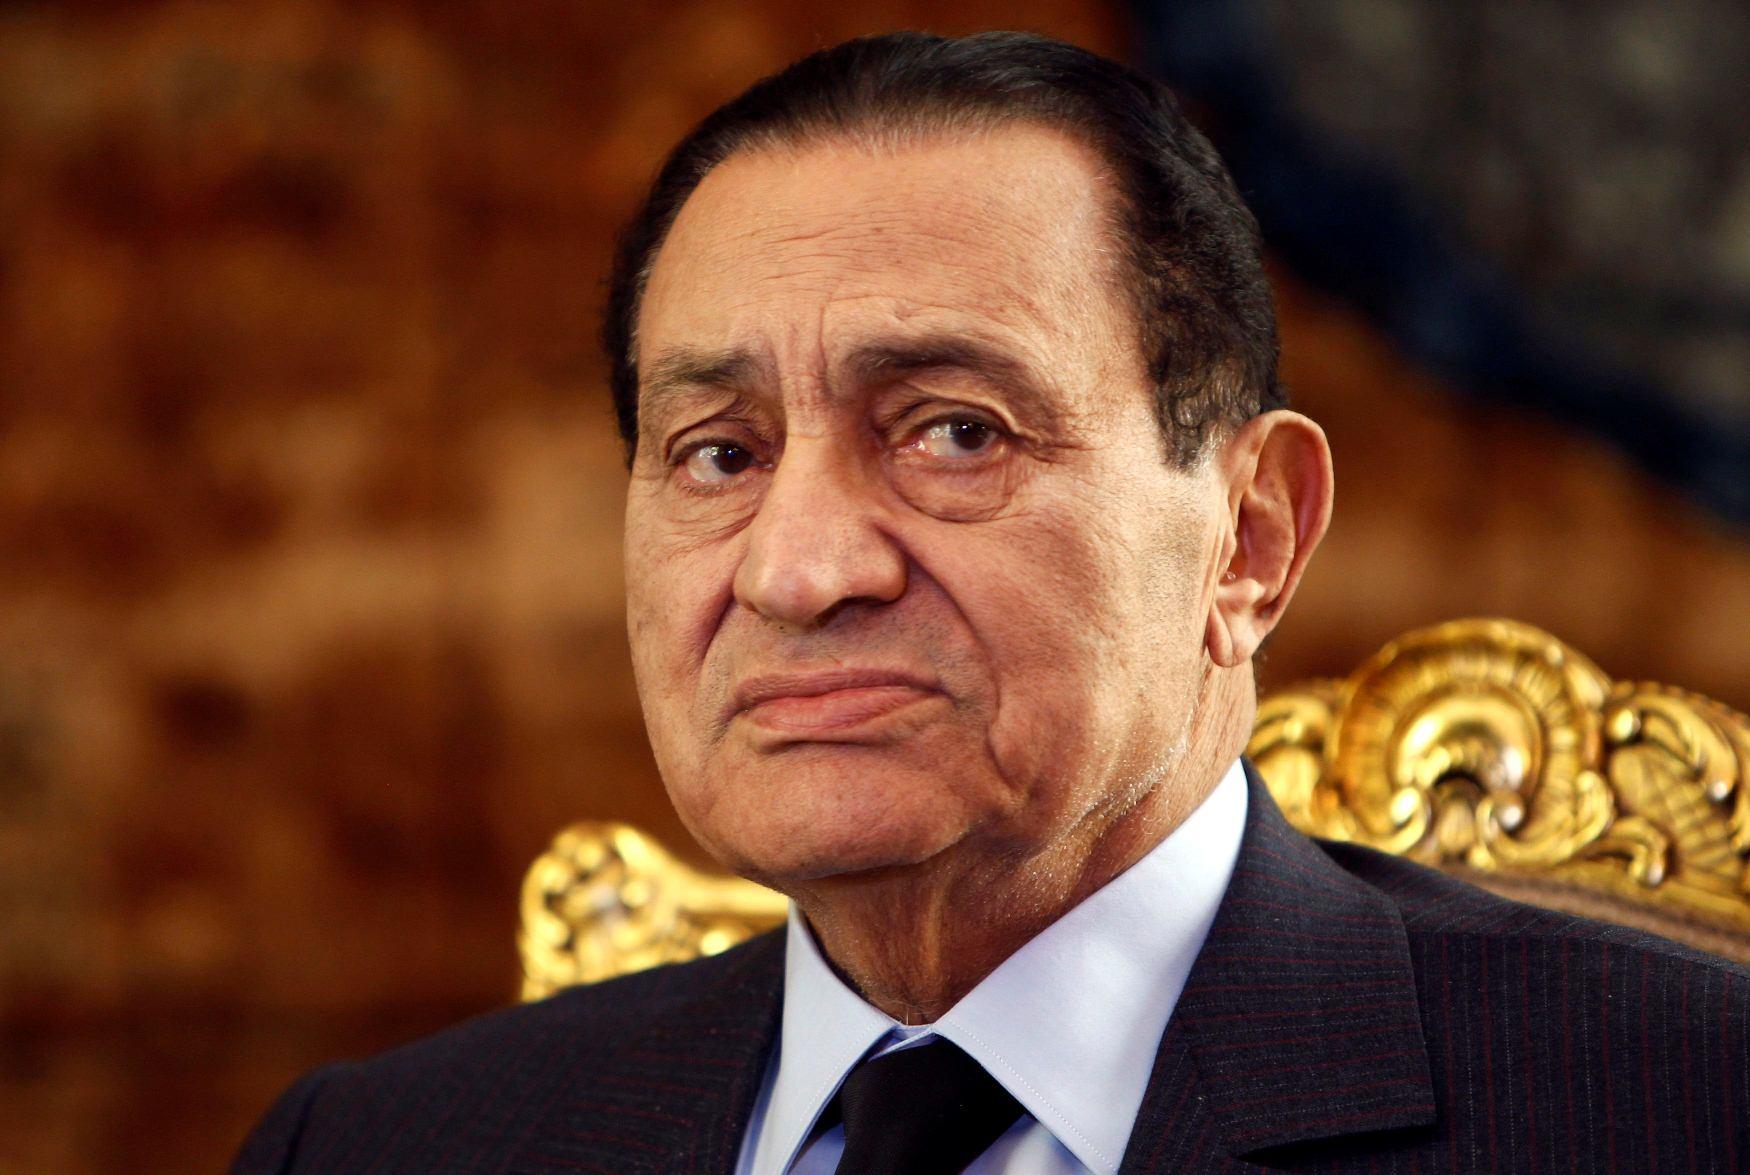 مبارك فى رسالة للعاهل السعودى يطلب المساعدة.. ومرسى يرفض العفو